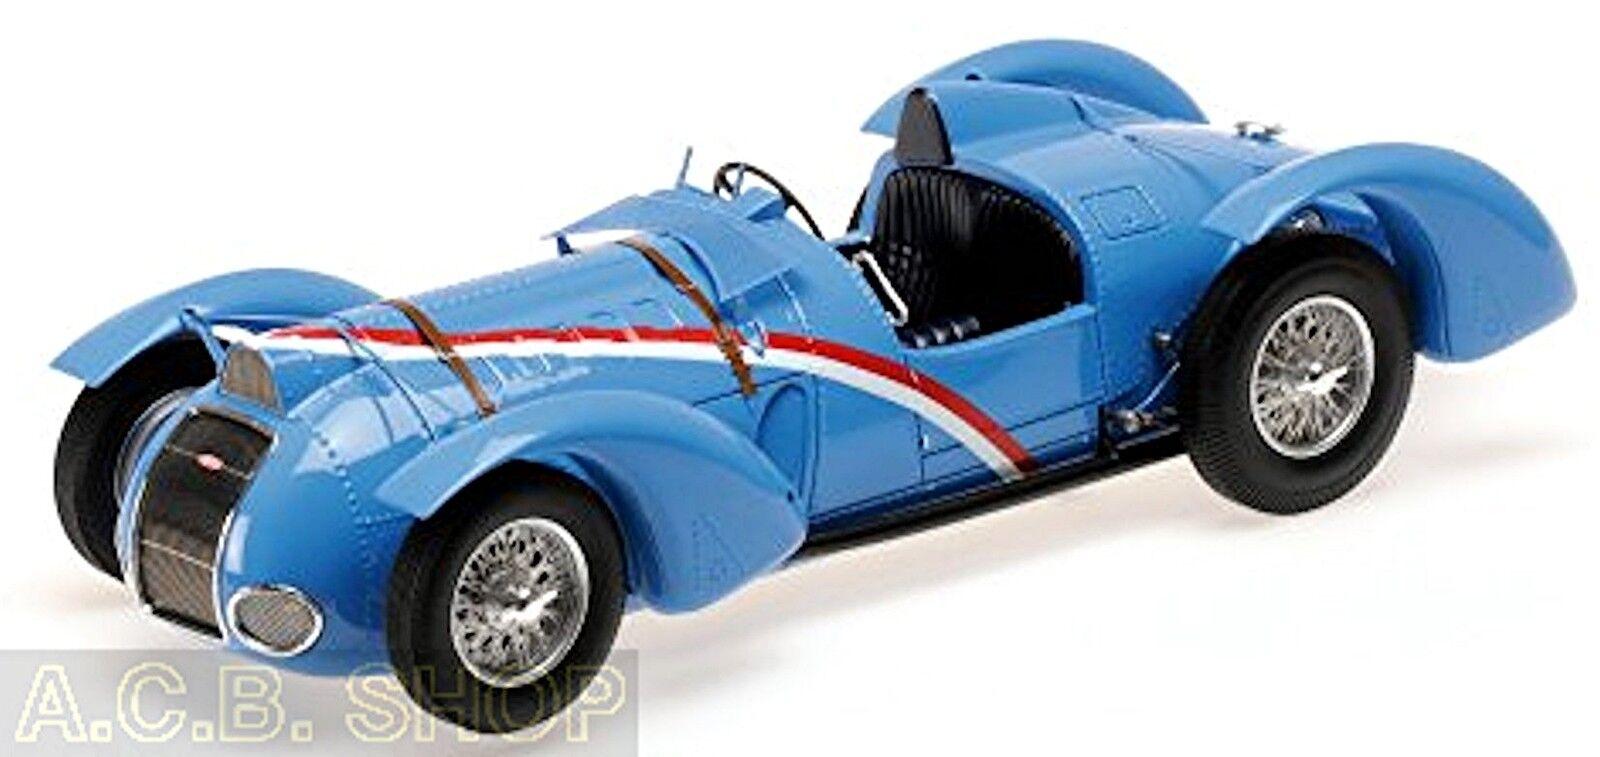 Delahaye type 145 v-12  grand prix 1937 Bleu bleu 1 18 Minichamps Mullin Ed. 7  marque célèbre